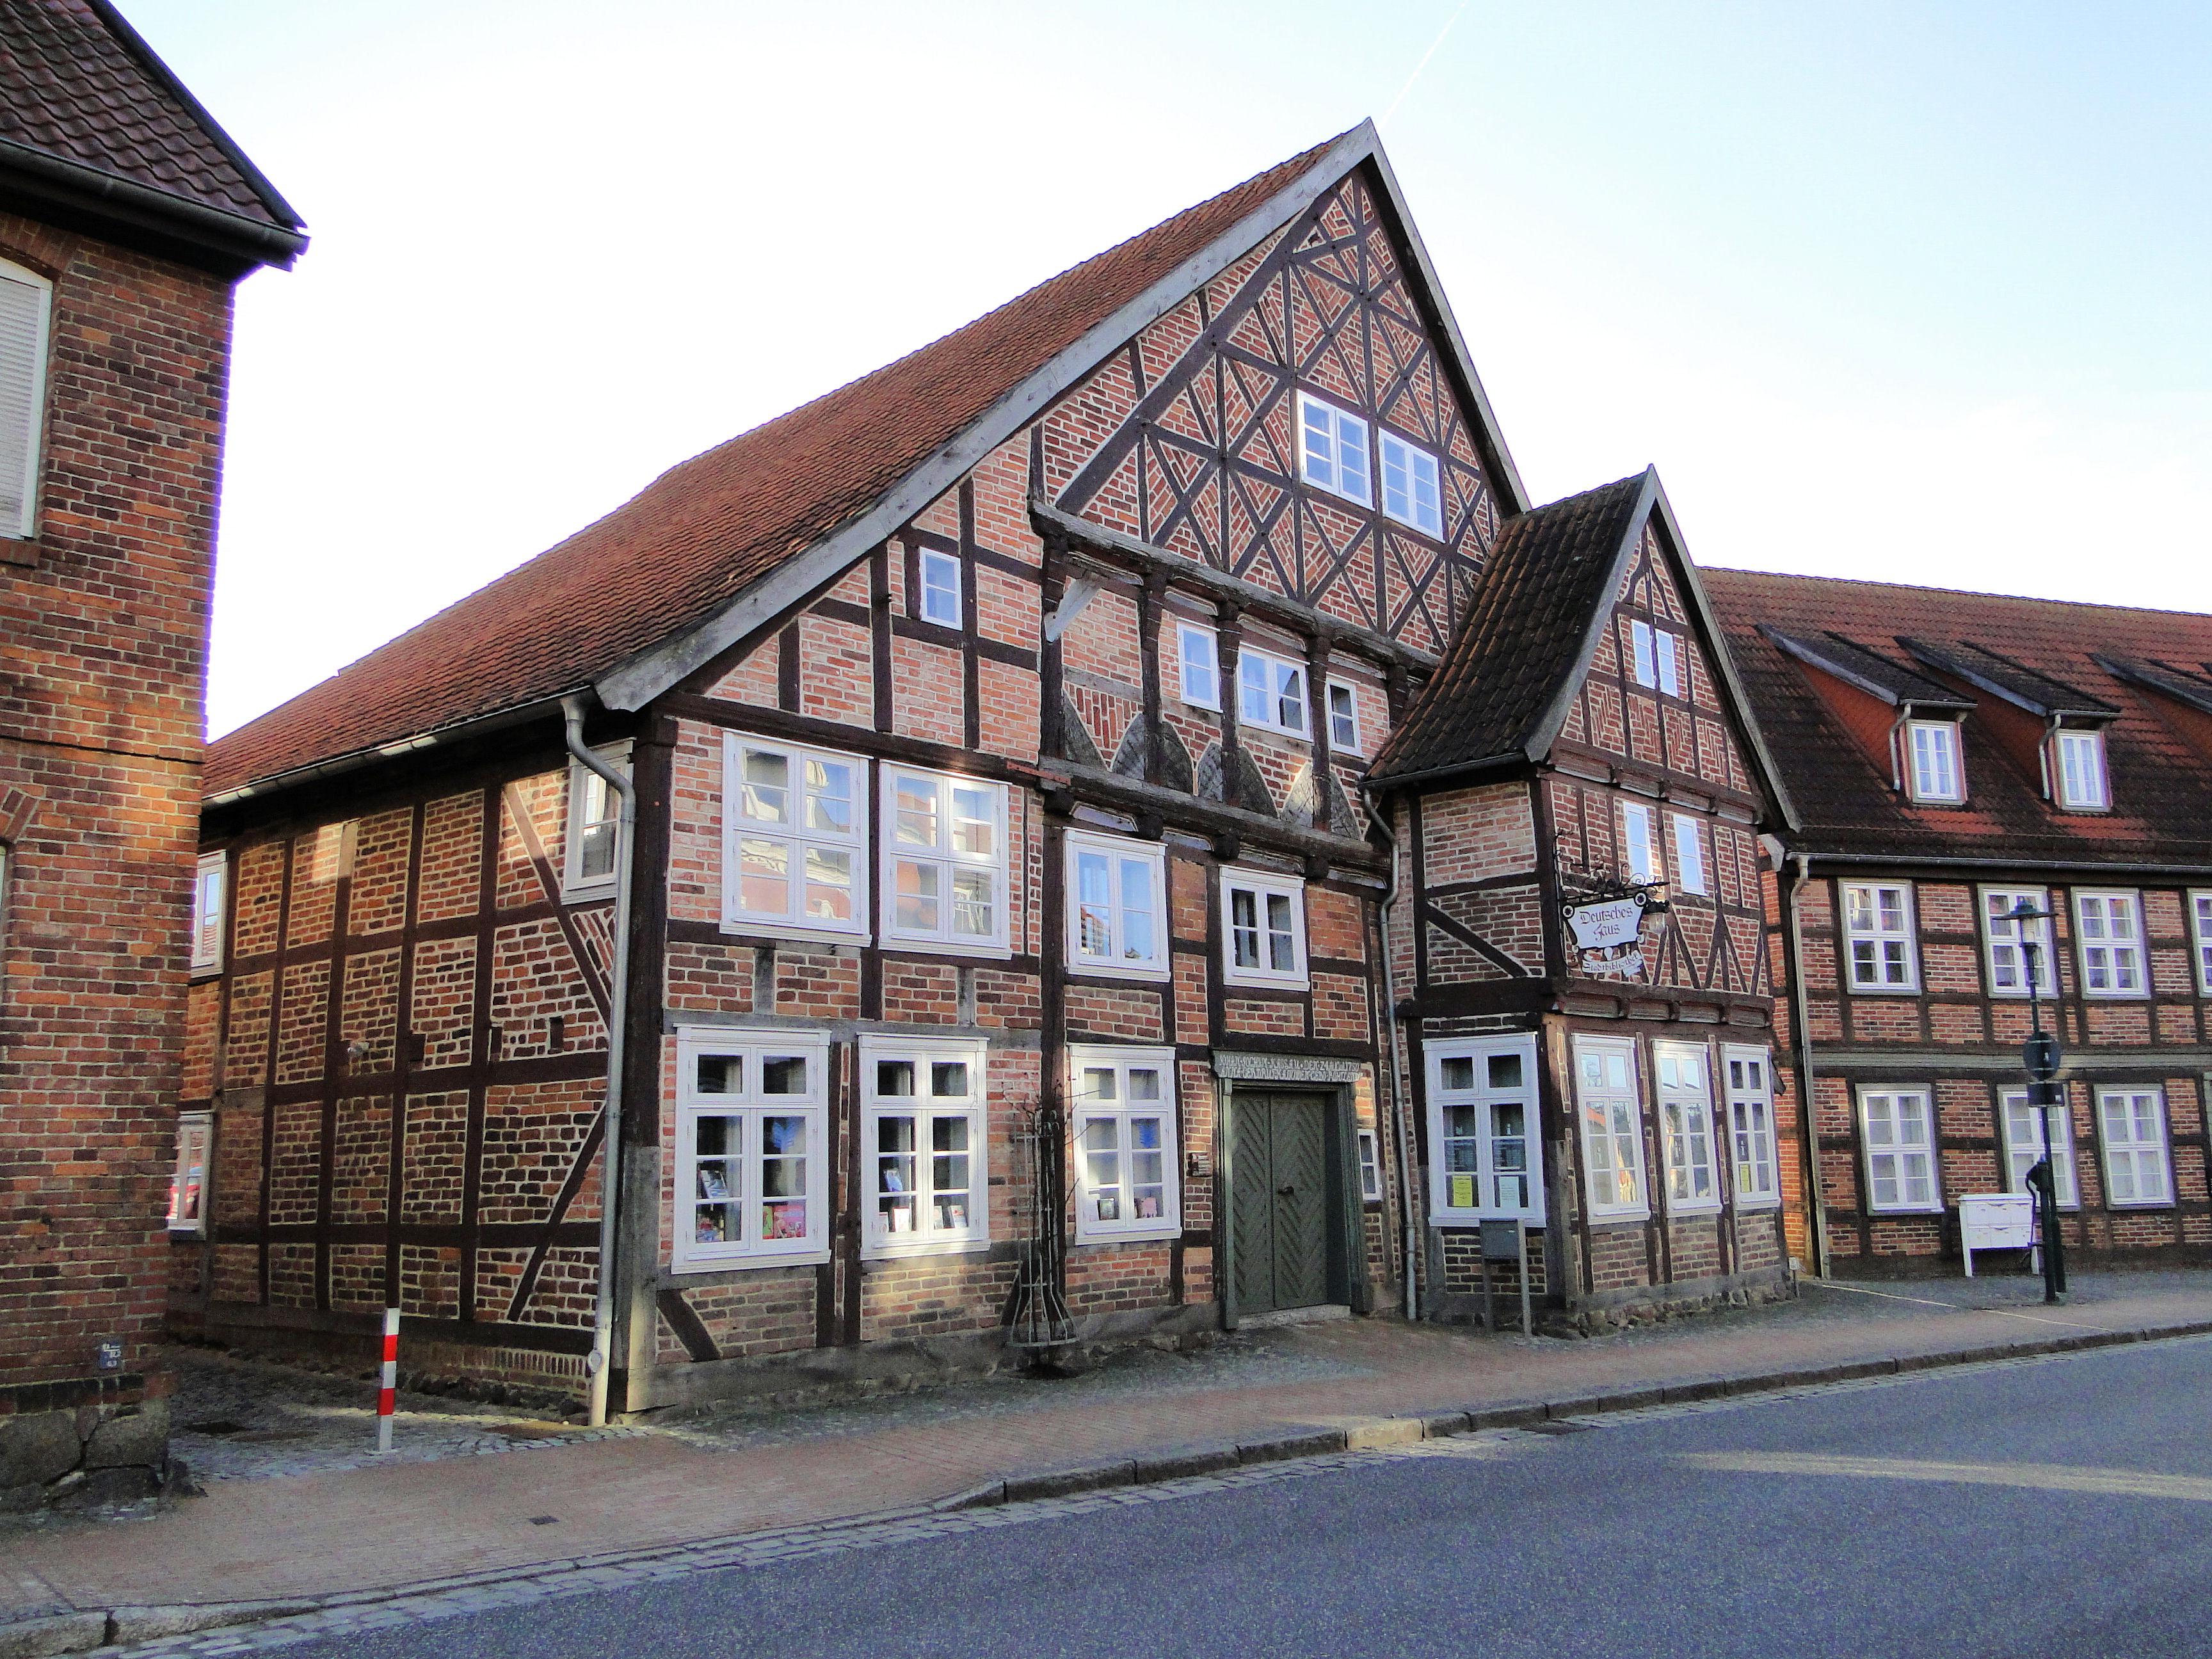 File Rehna Deutsches Haus 2012 02 26 051 JPG Wikimedia